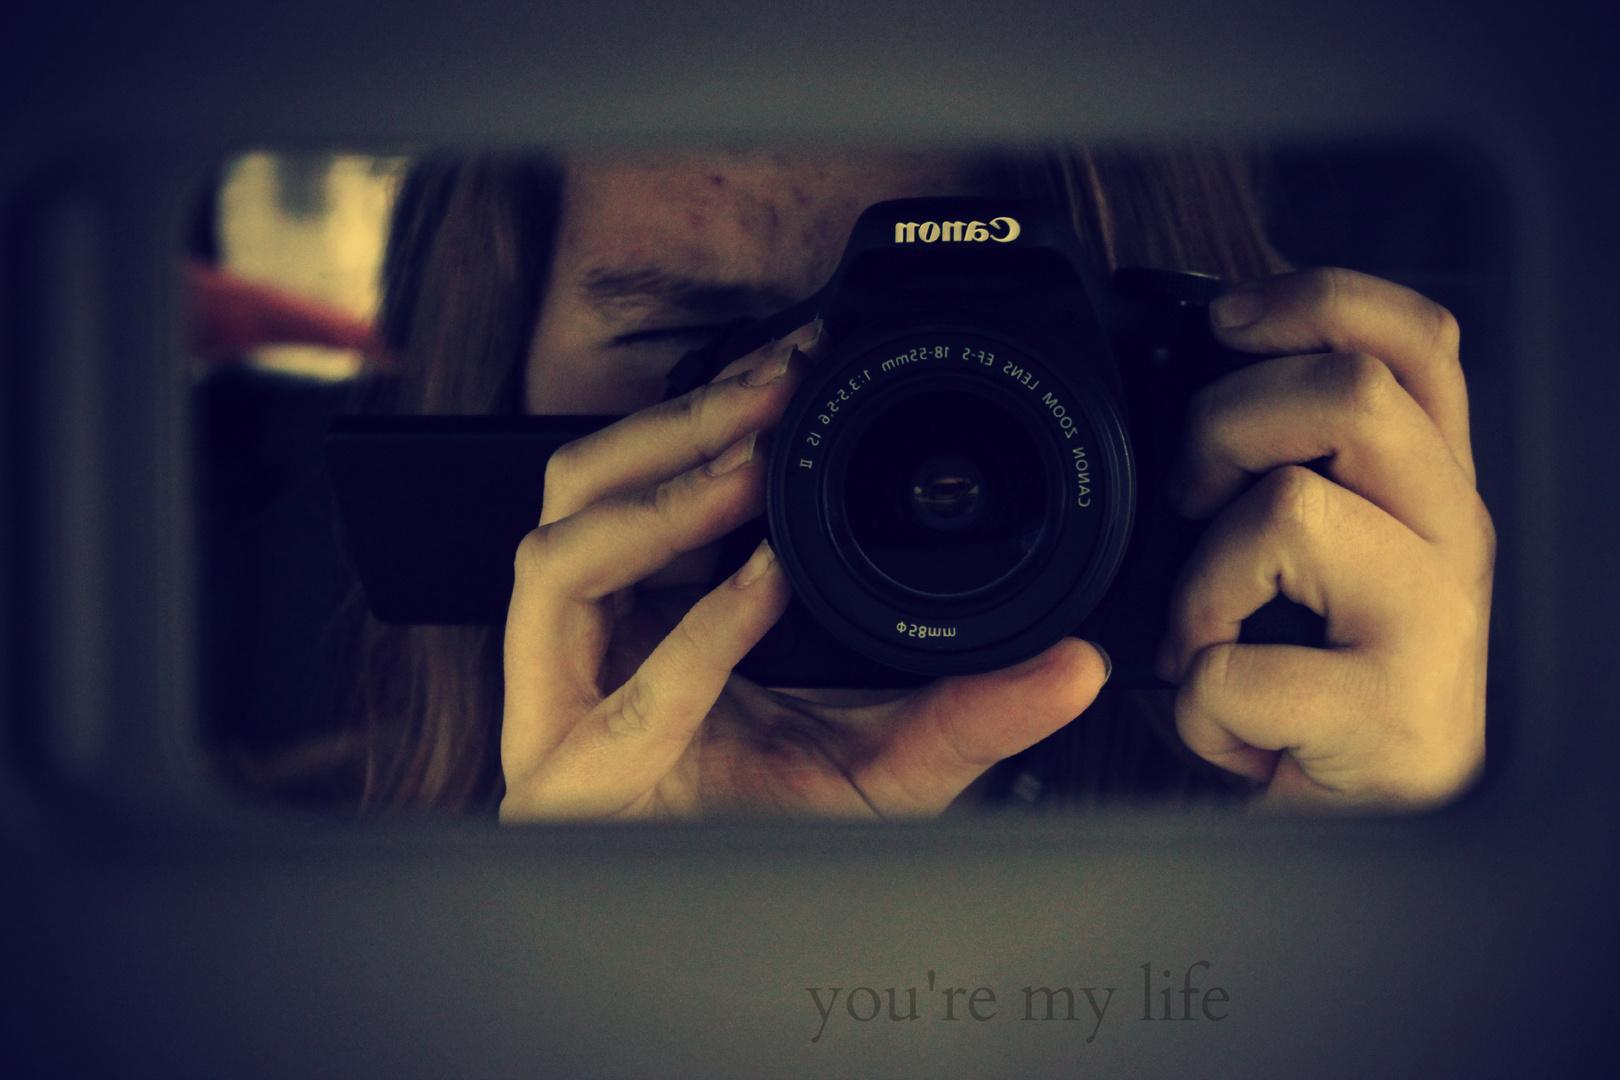 du bist alles für mich!